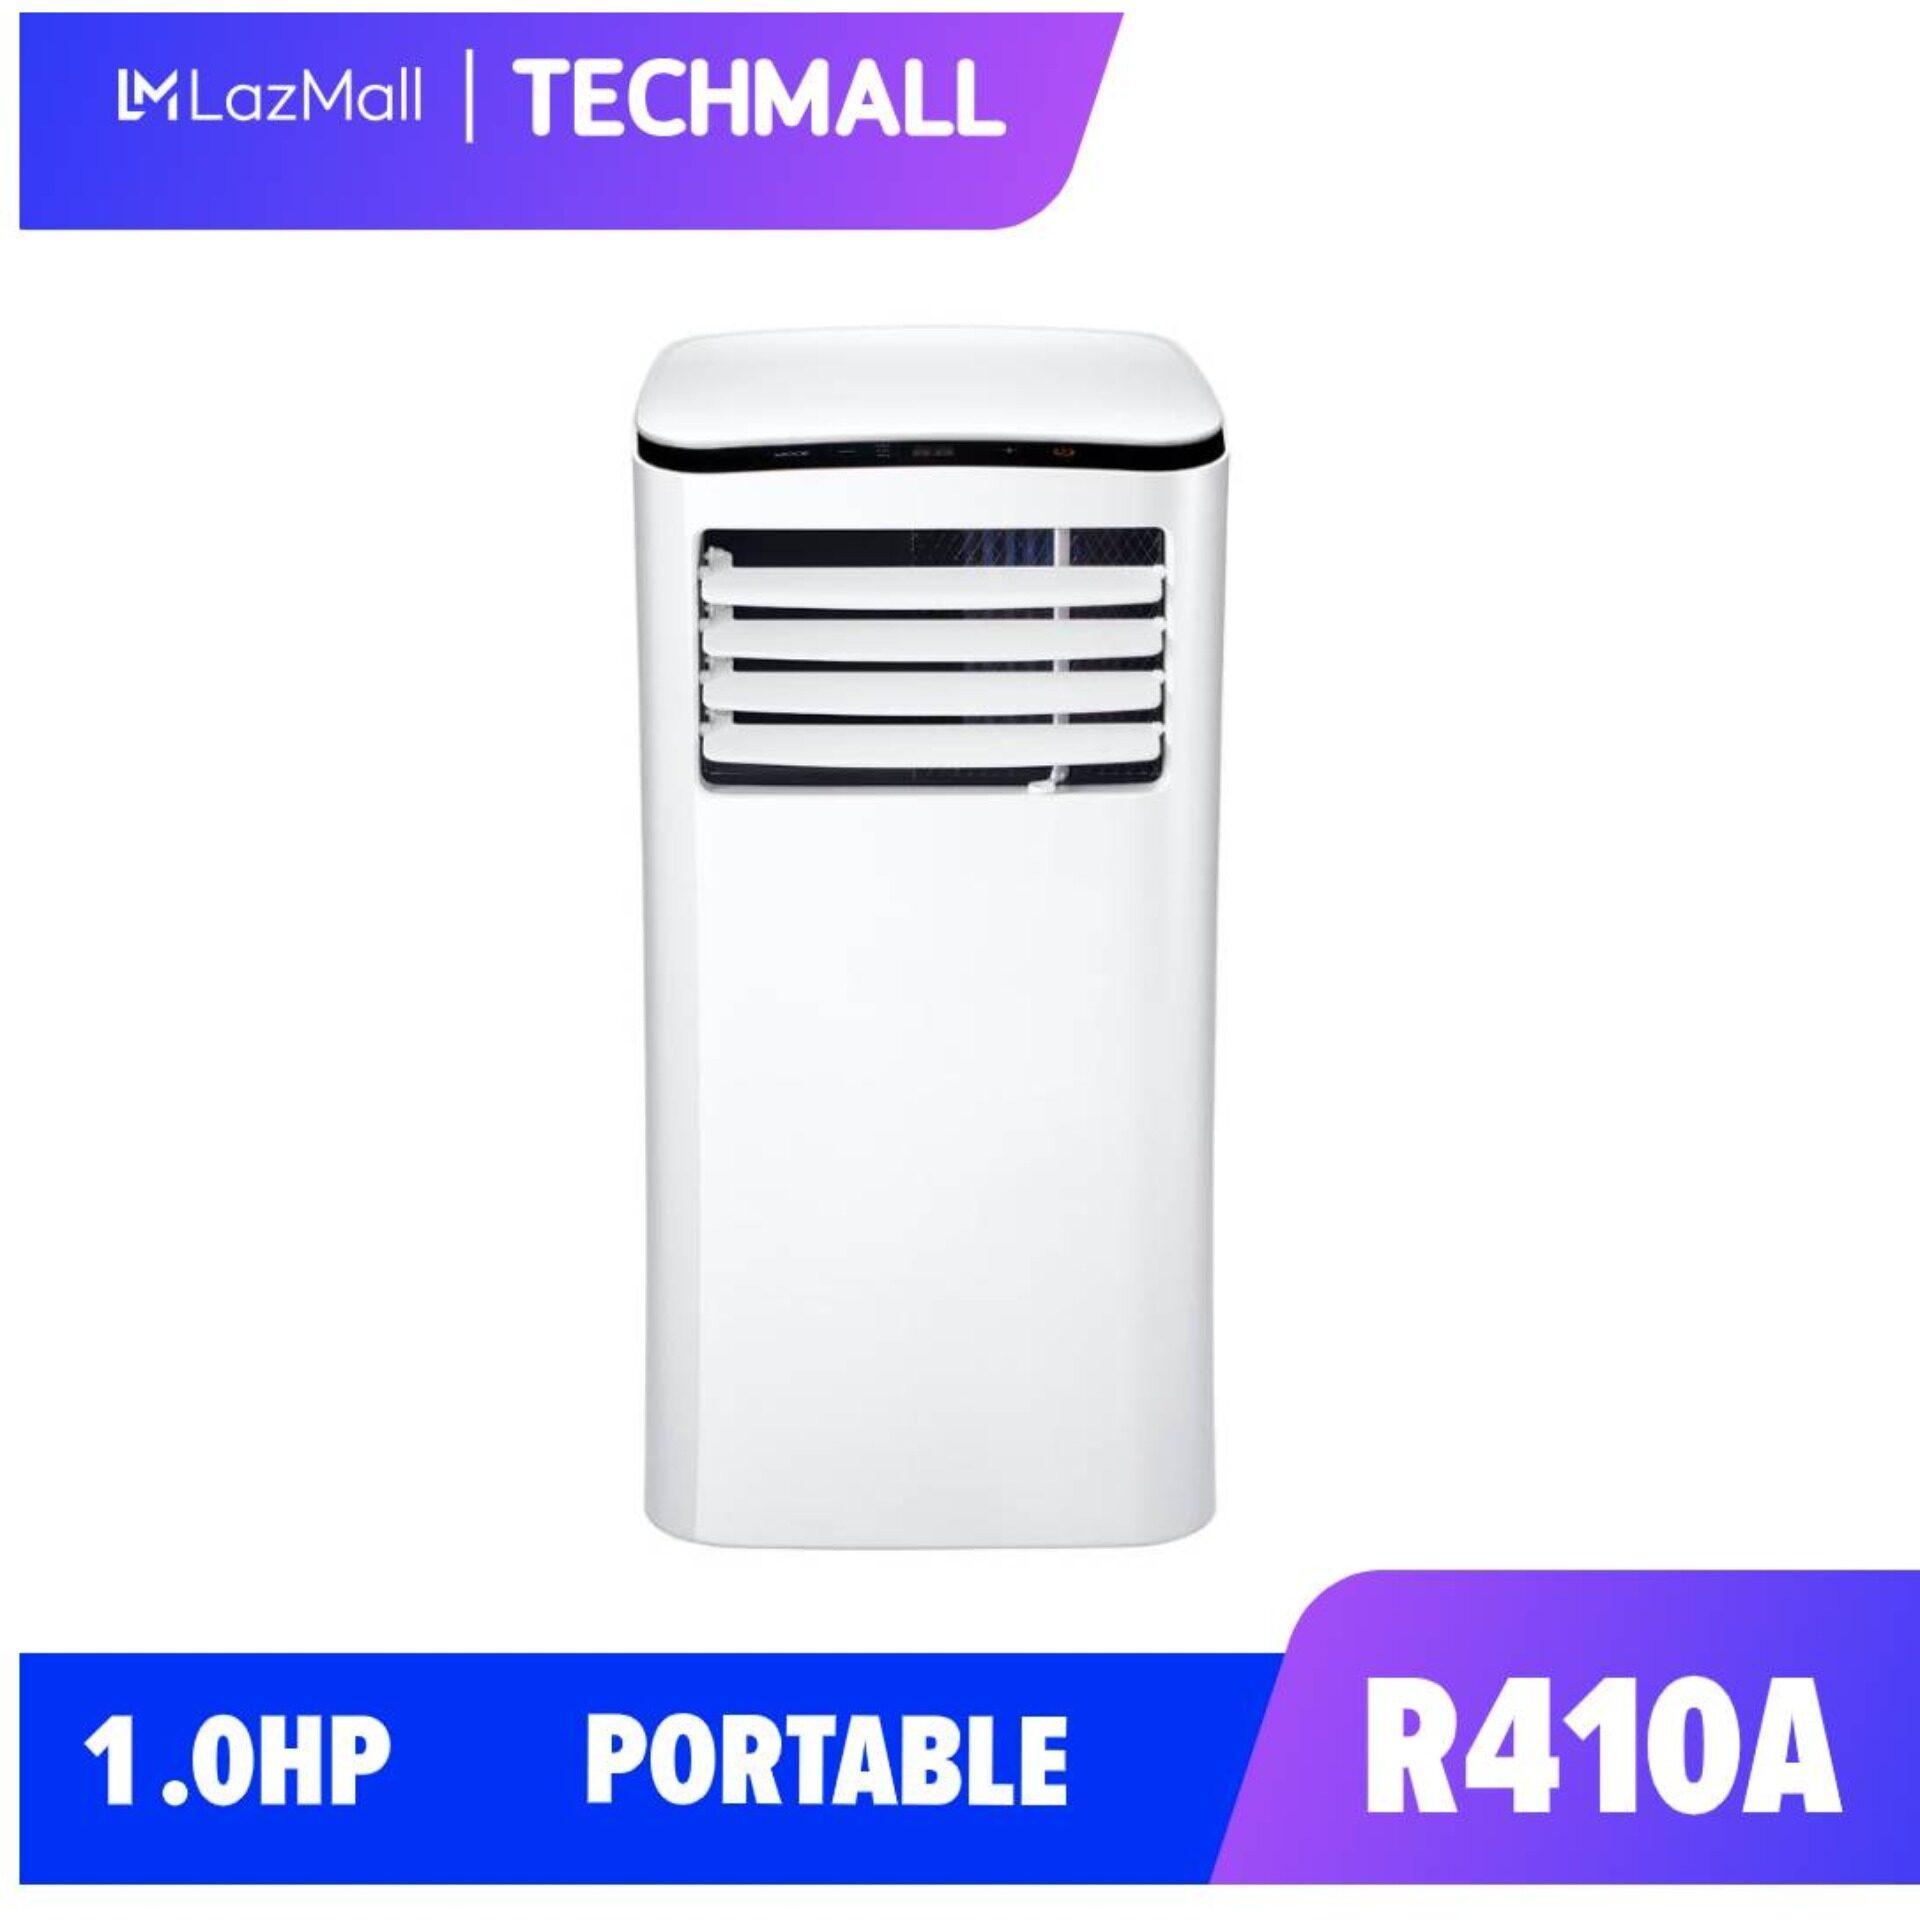 Midea MPH-09CRN1 1.0hp Portable Air Conditioner / Aircond